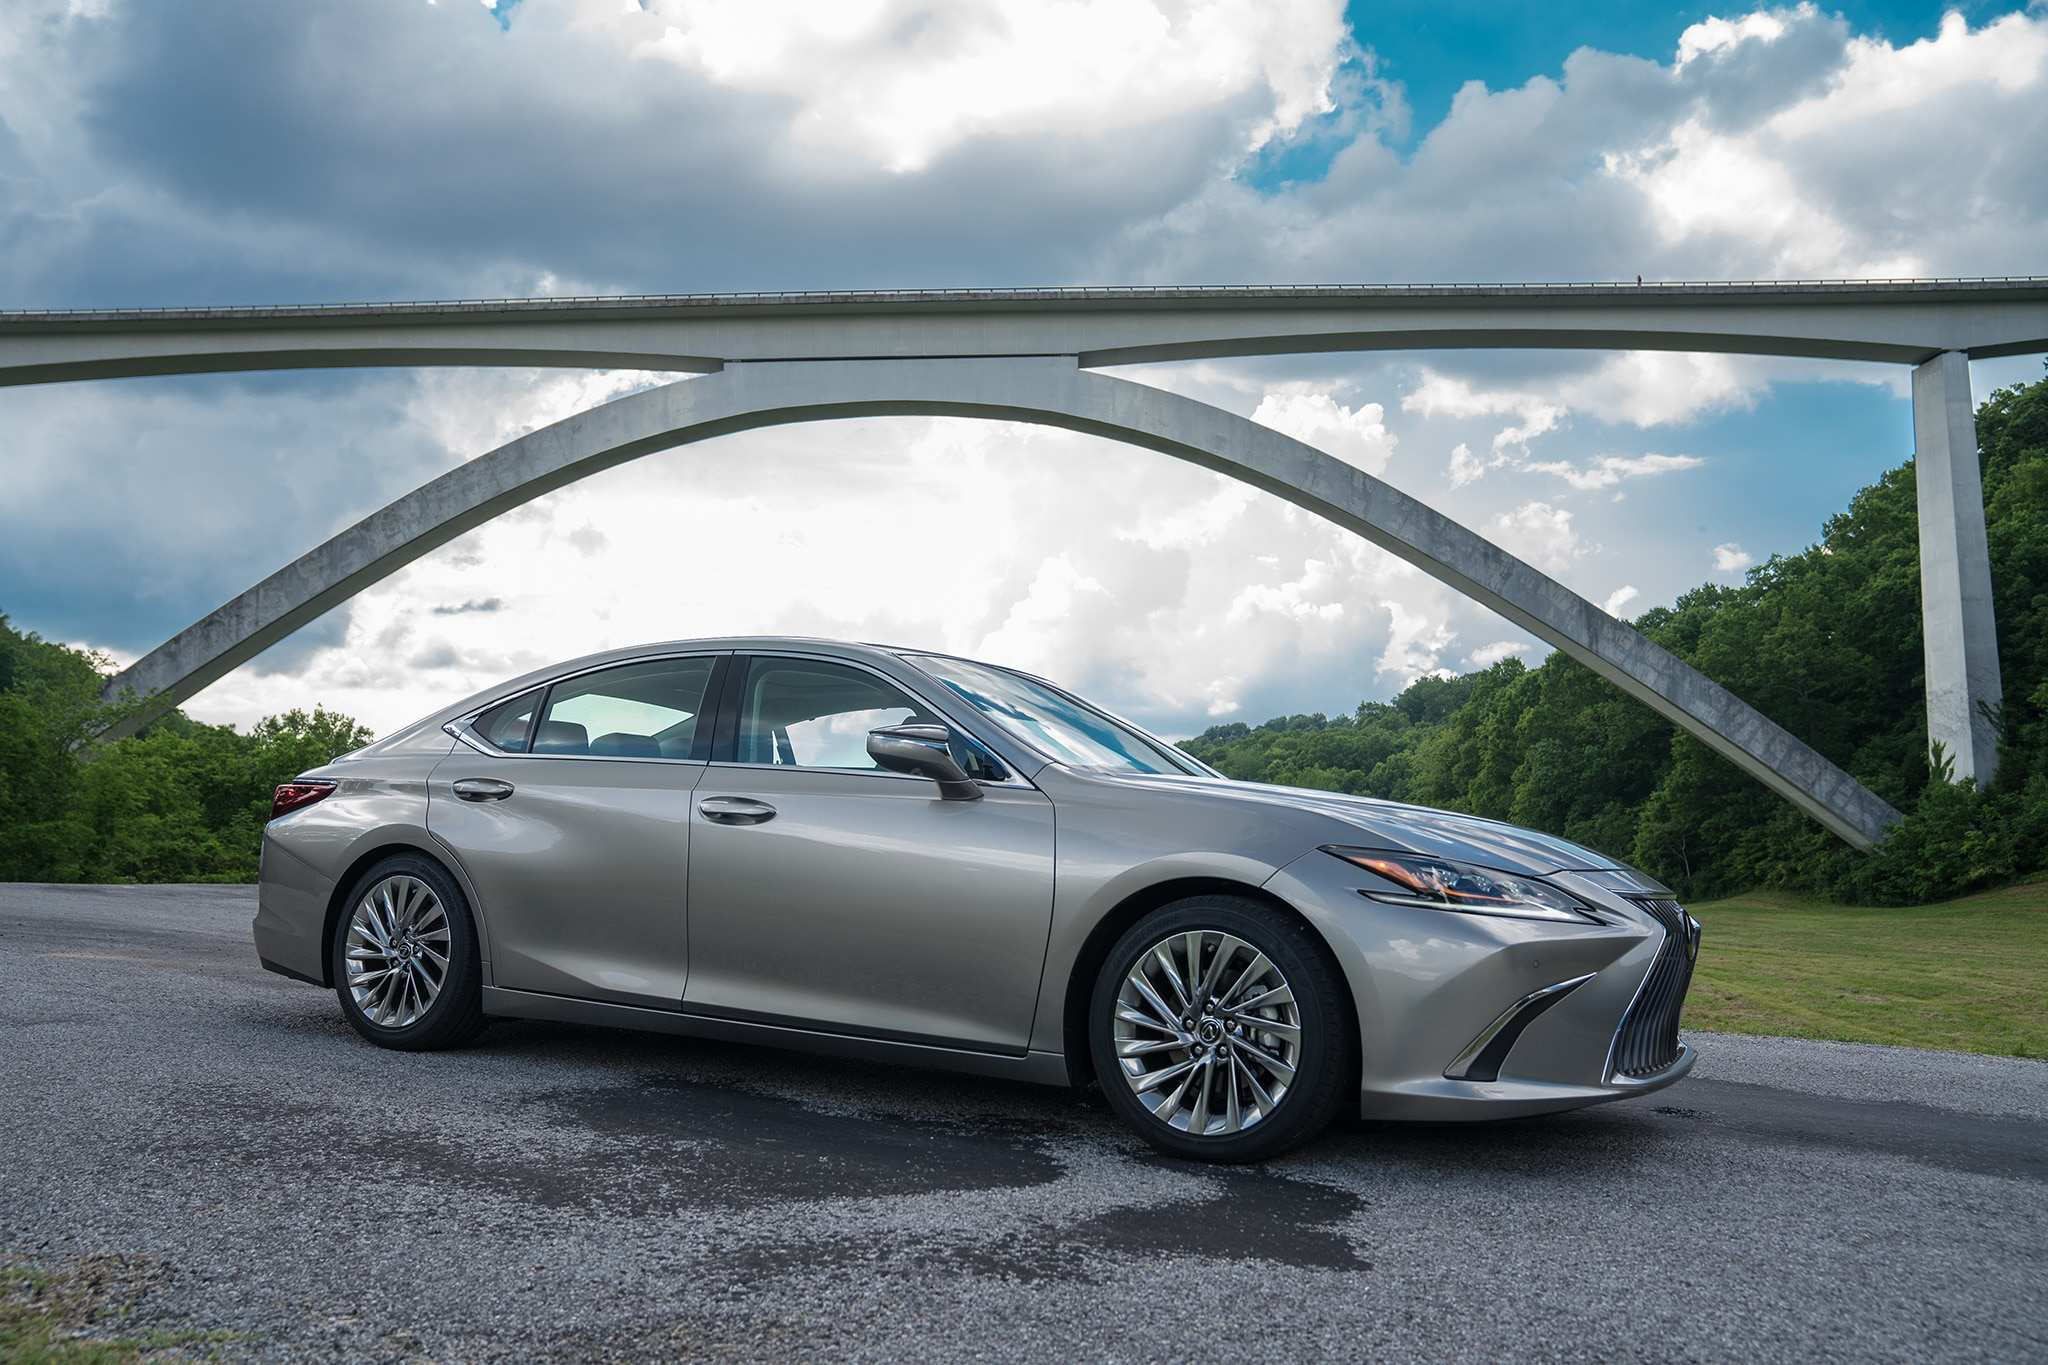 43 Concept of Lexus Es 2020 Brochure Prices by Lexus Es 2020 Brochure